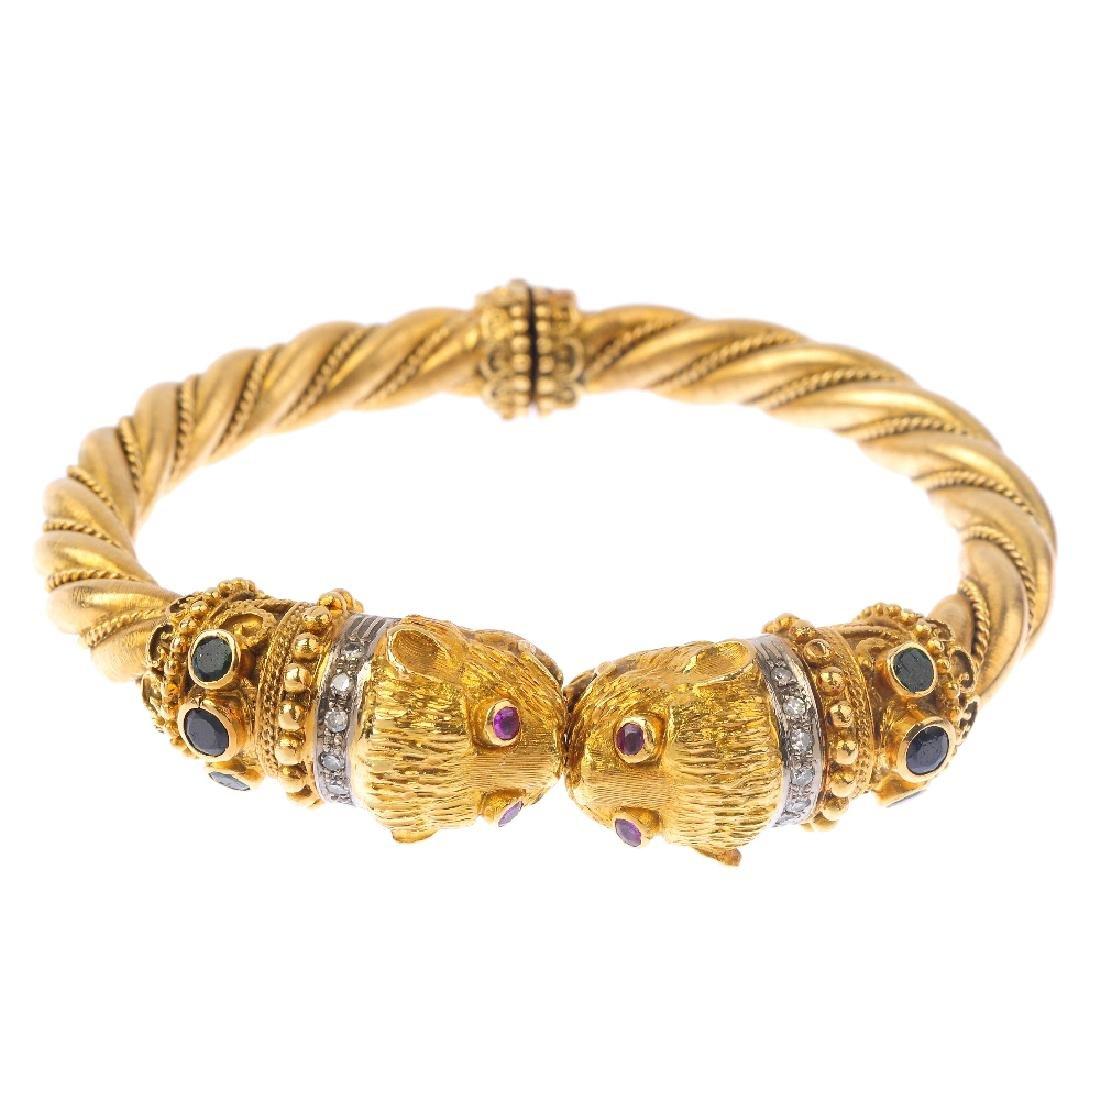 ILIAS LALAOUNIS - a diamond and gem-set double lion